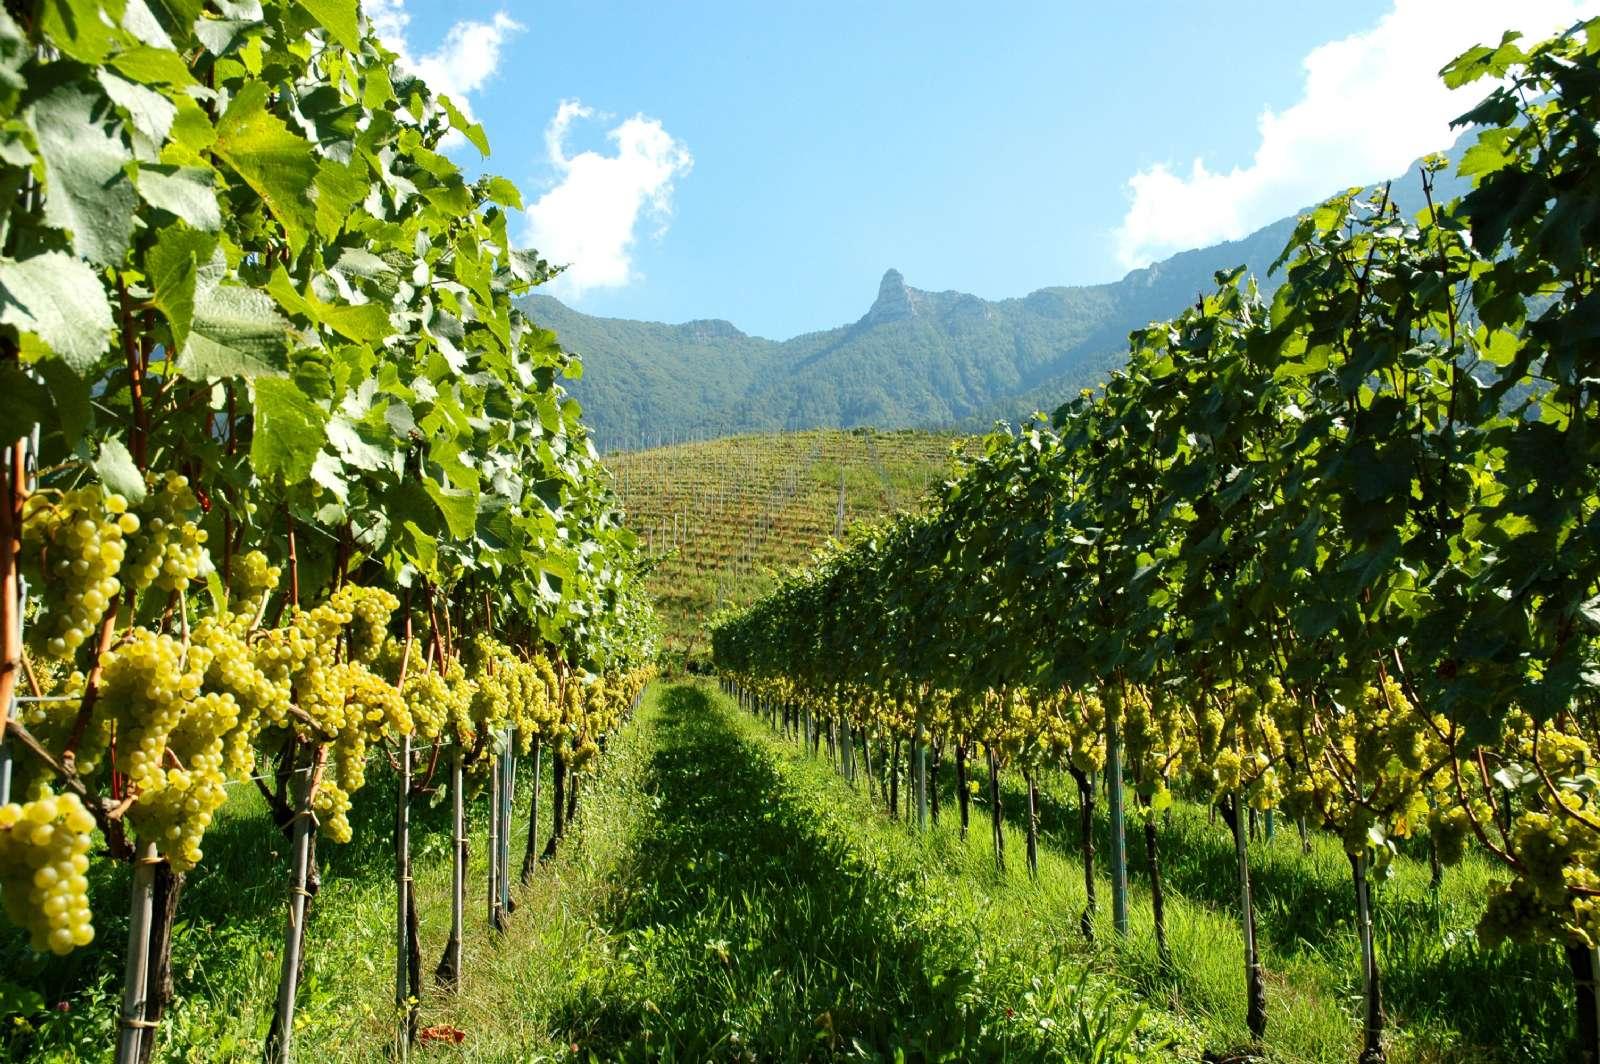 La région produit du vin blanc